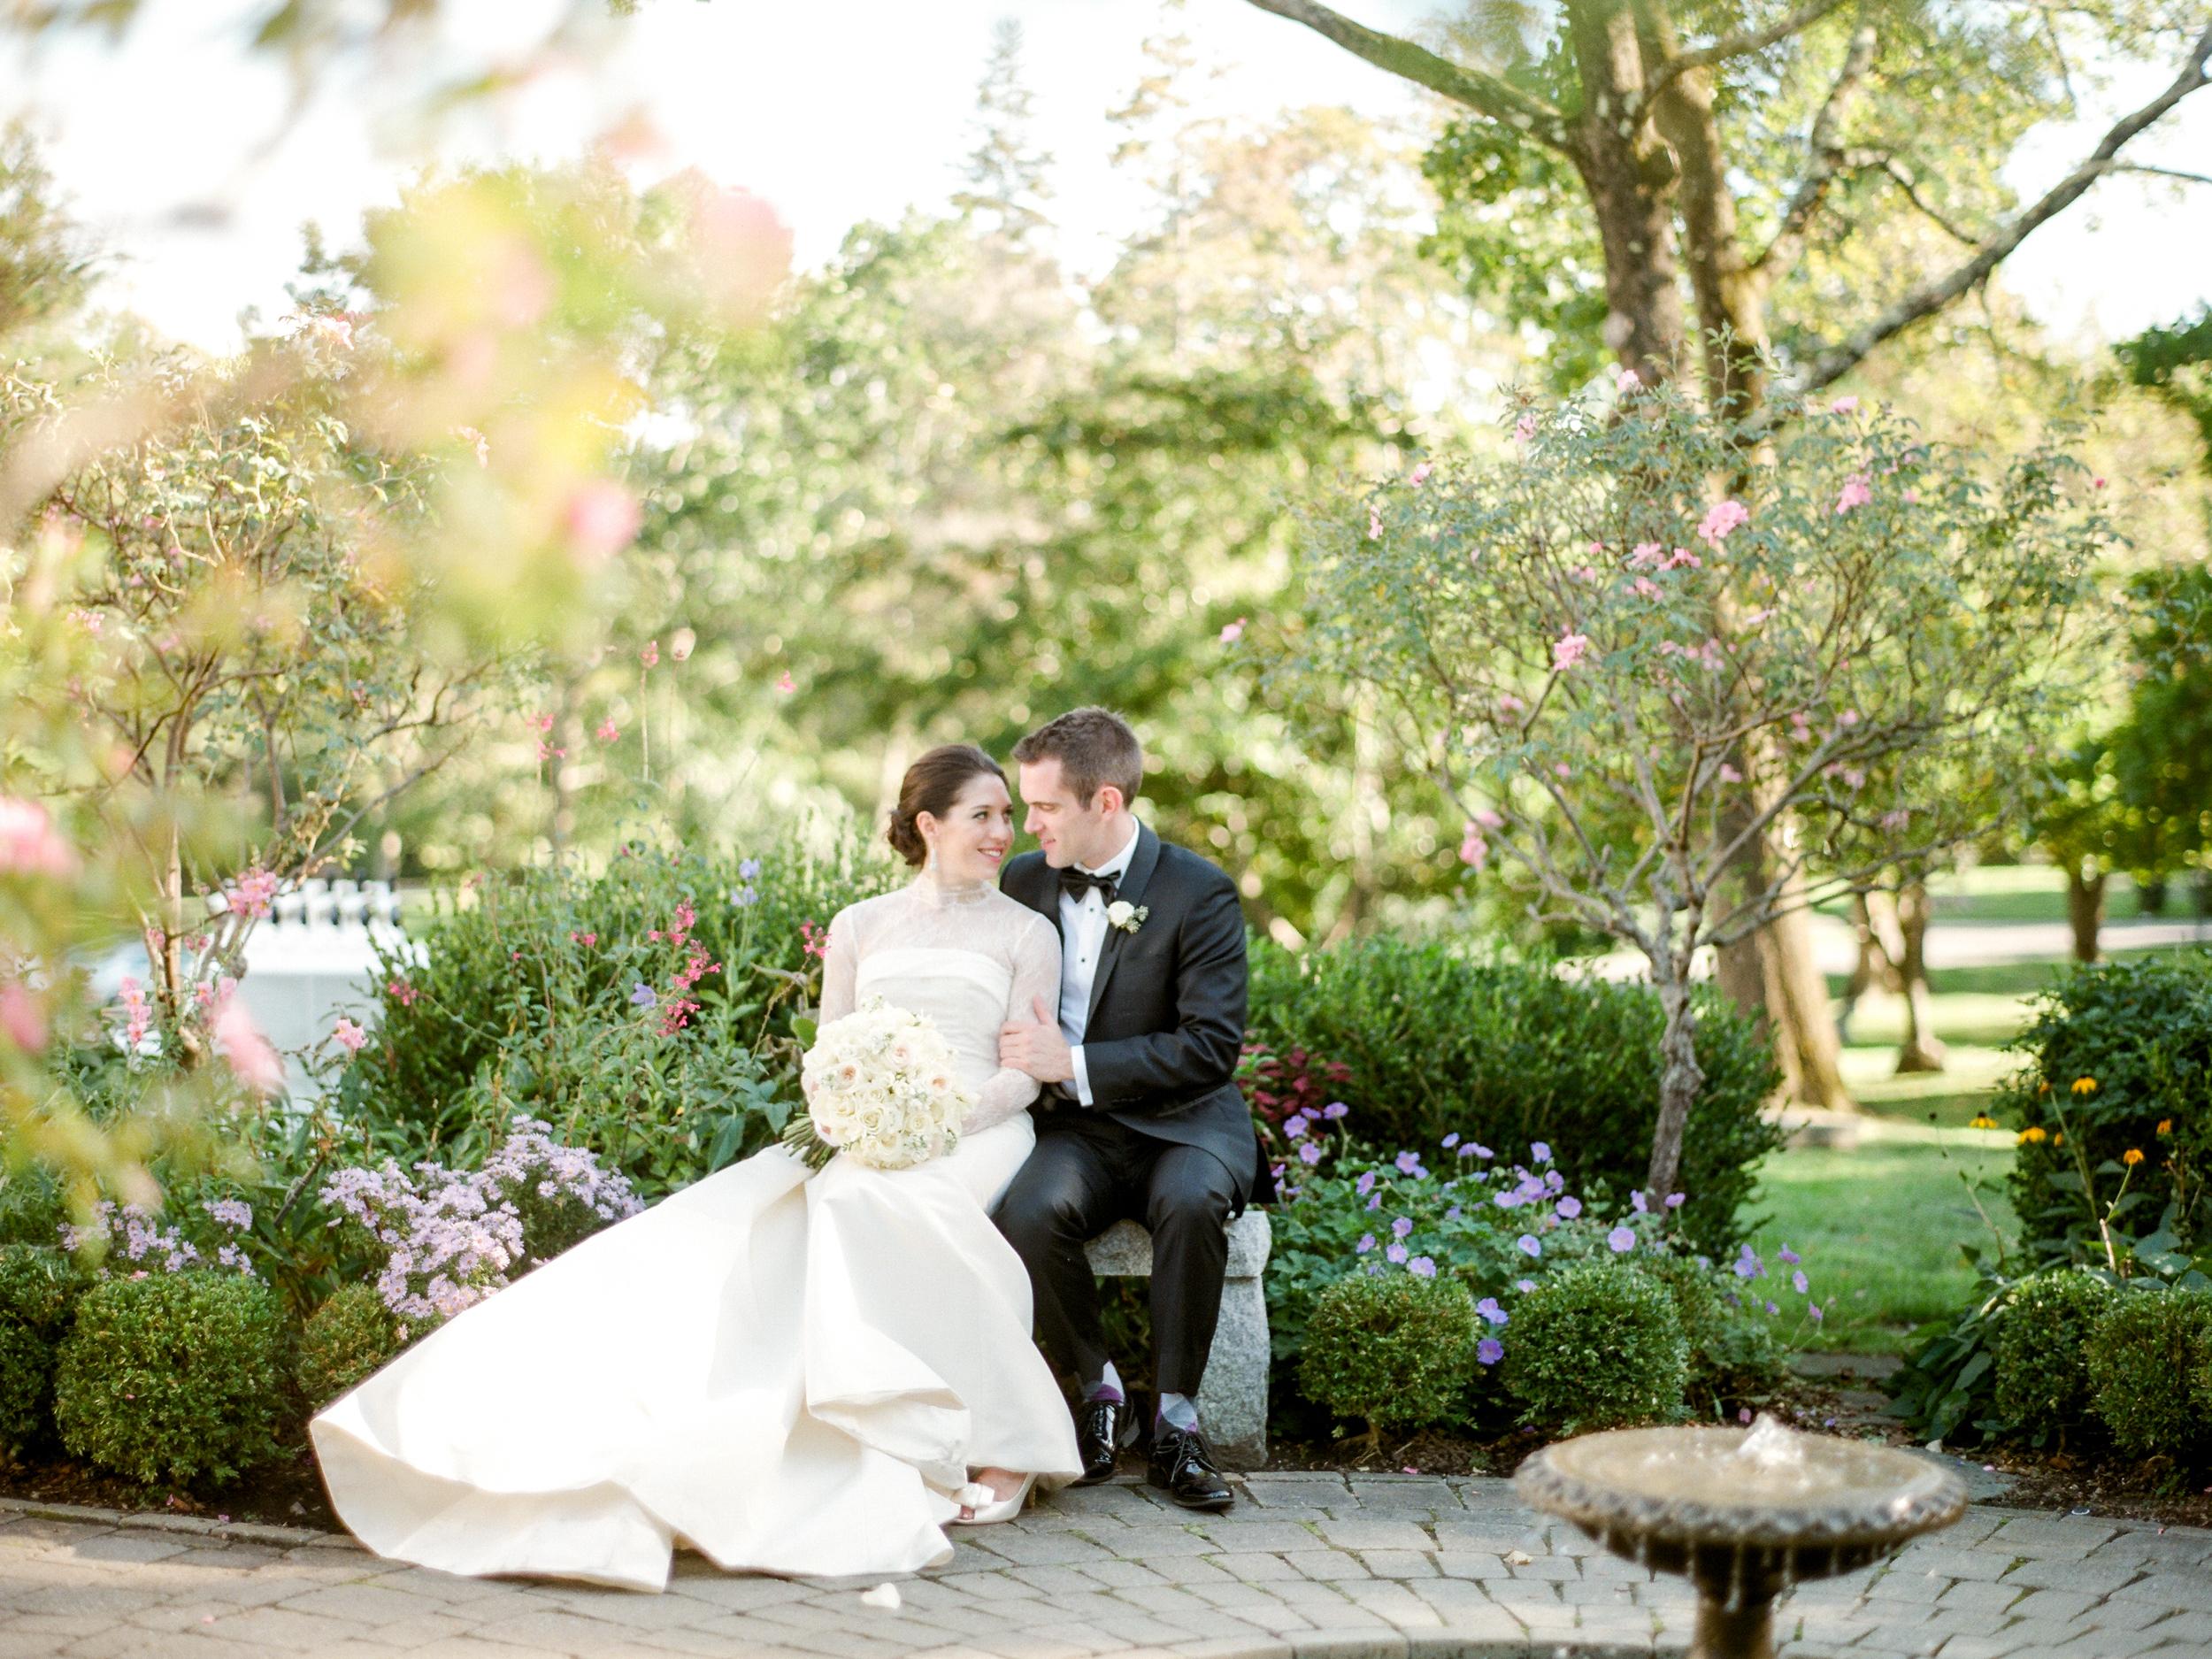 Berkshire Massachusetts Estate Weddings